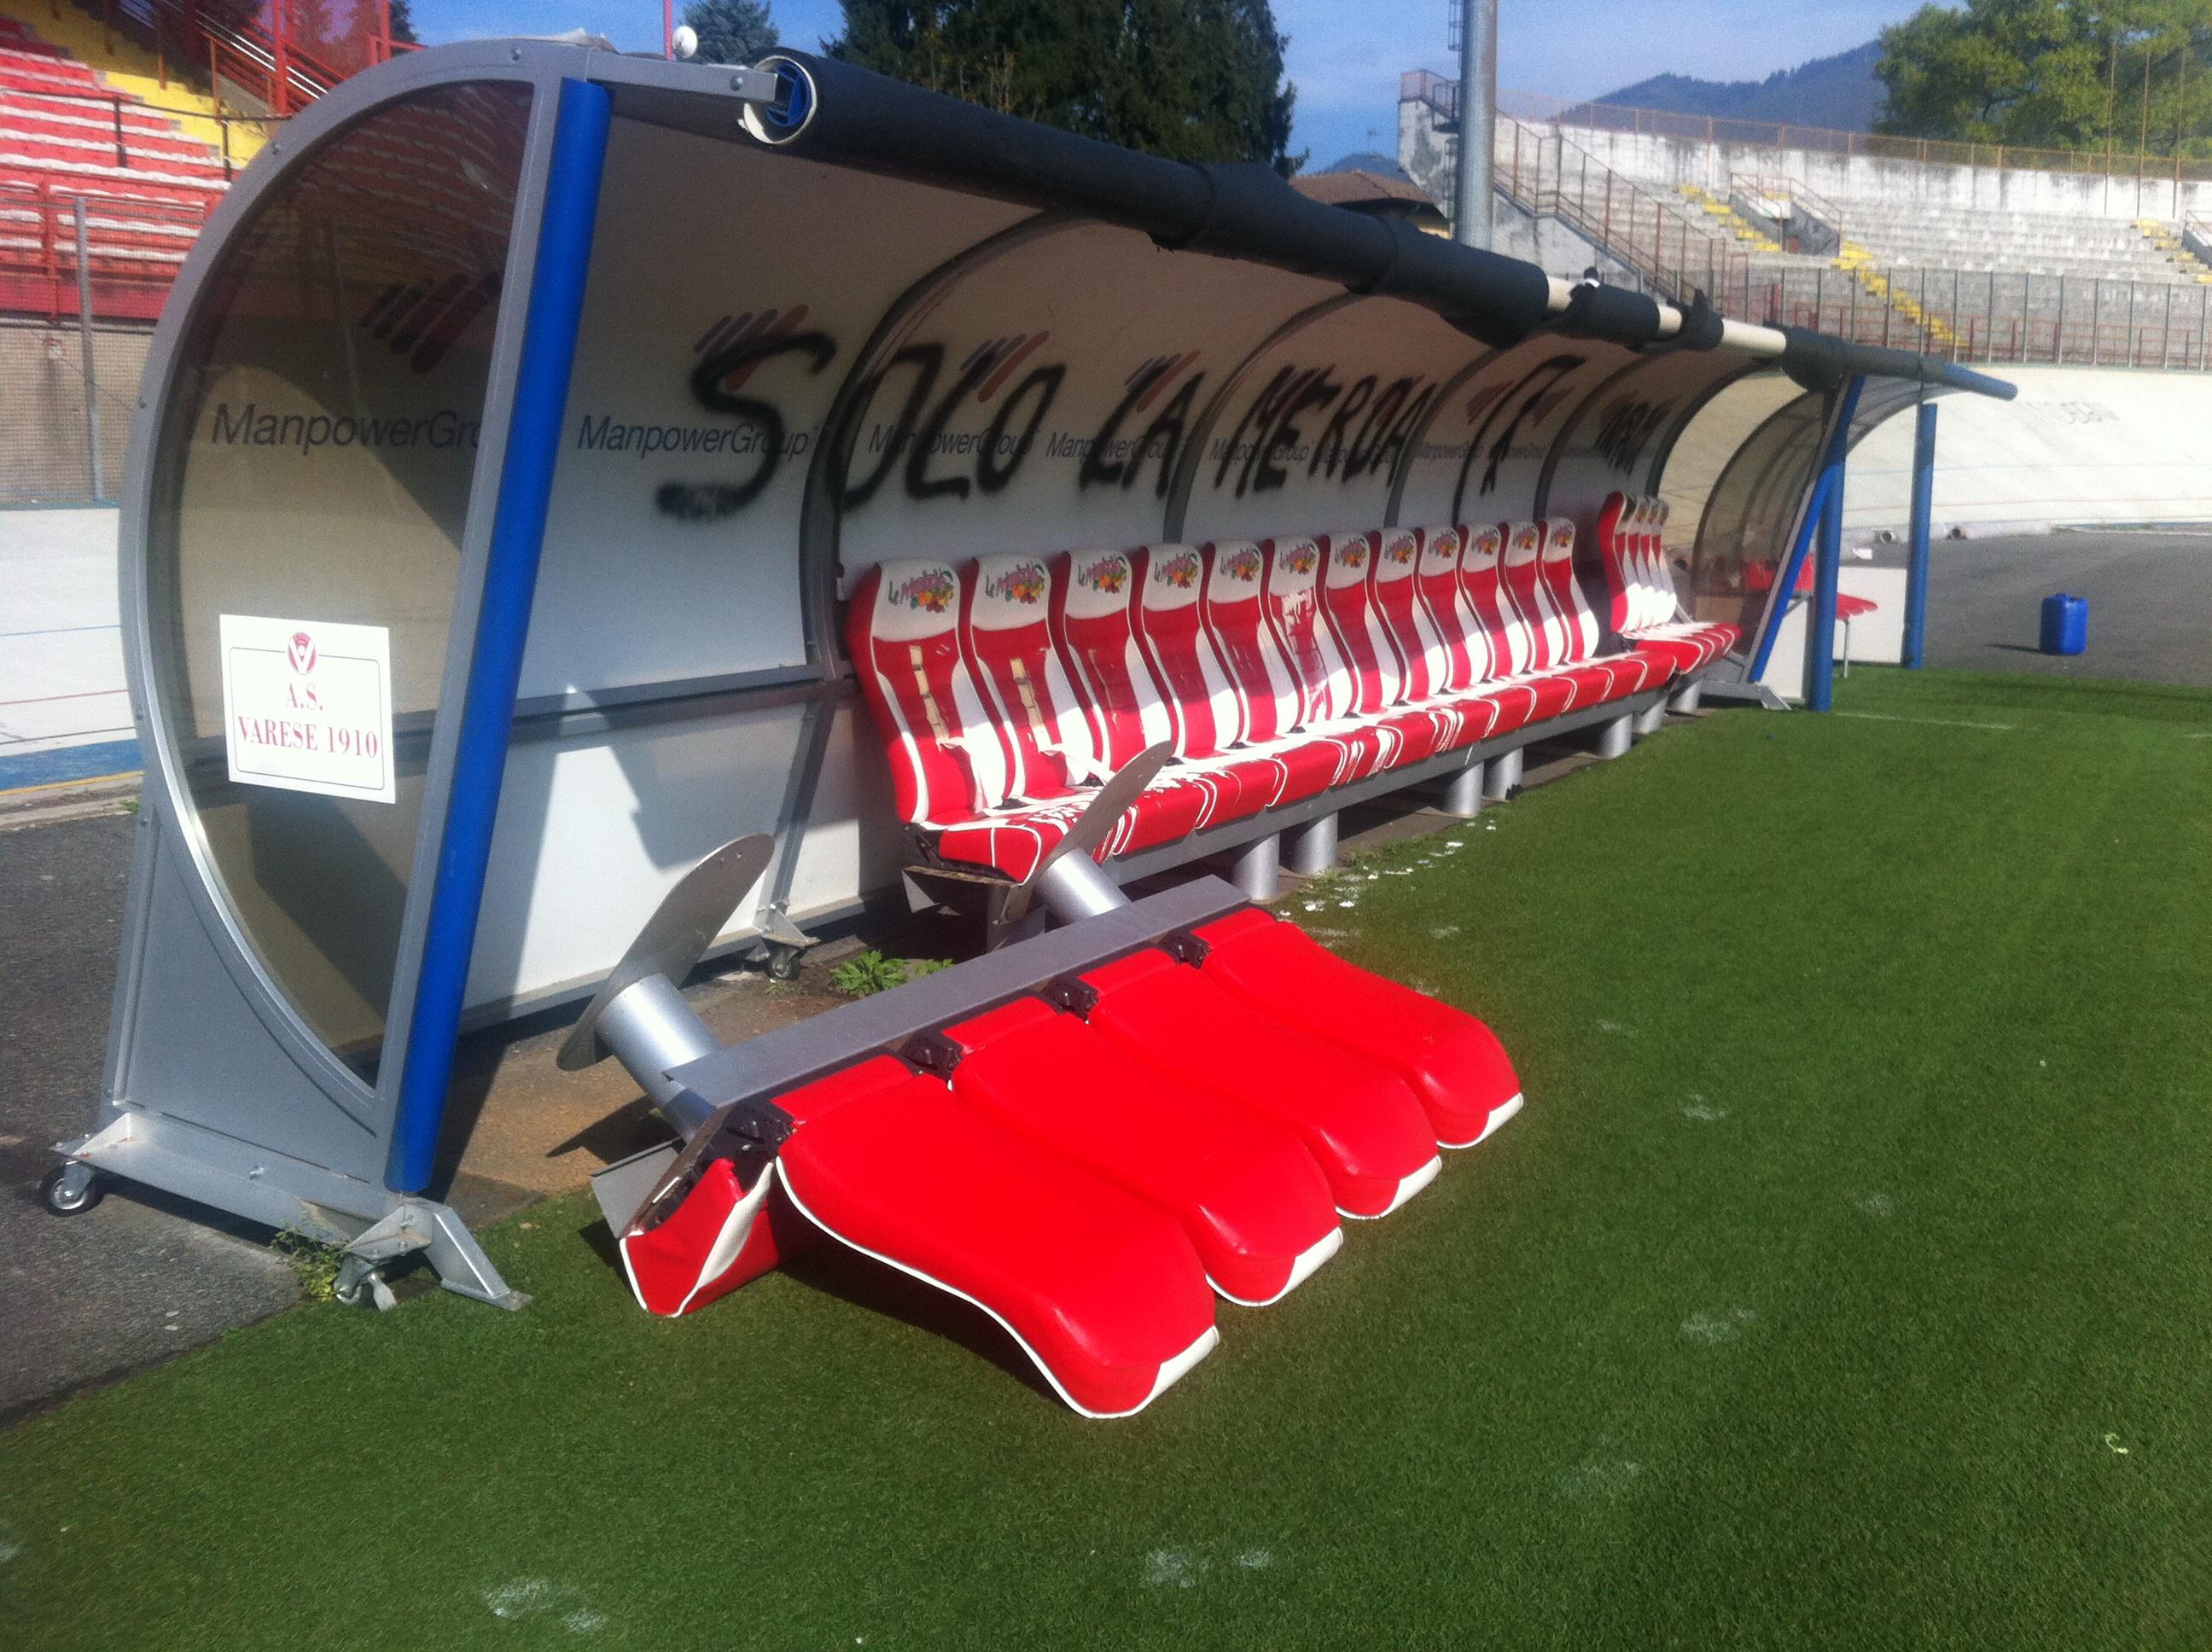 Stadio devastato, i tifosi del Varese dichiarano guerra e bloccano il calcio – FOTO E VIDEO